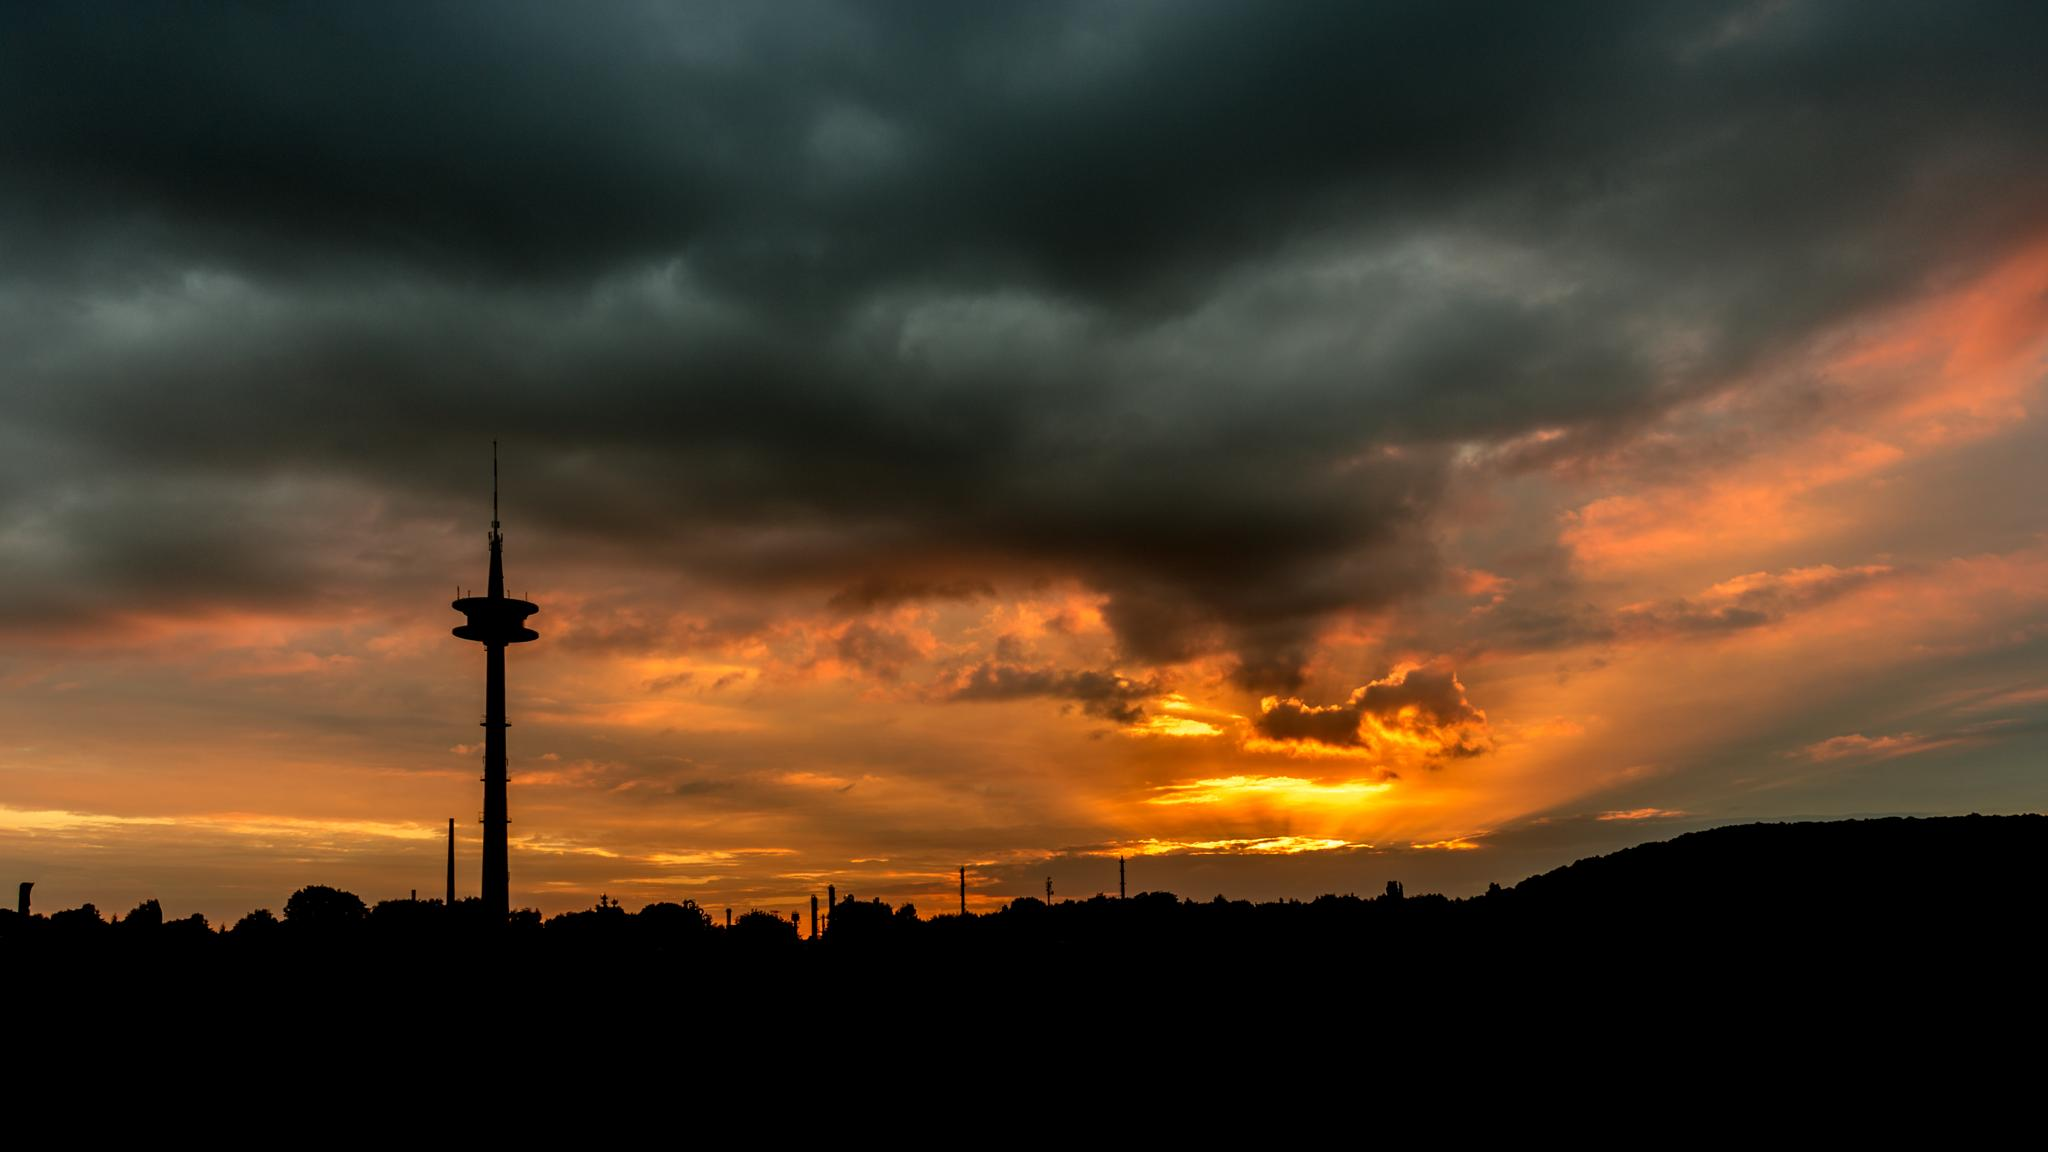 #sunsetcontest by FotoMaku